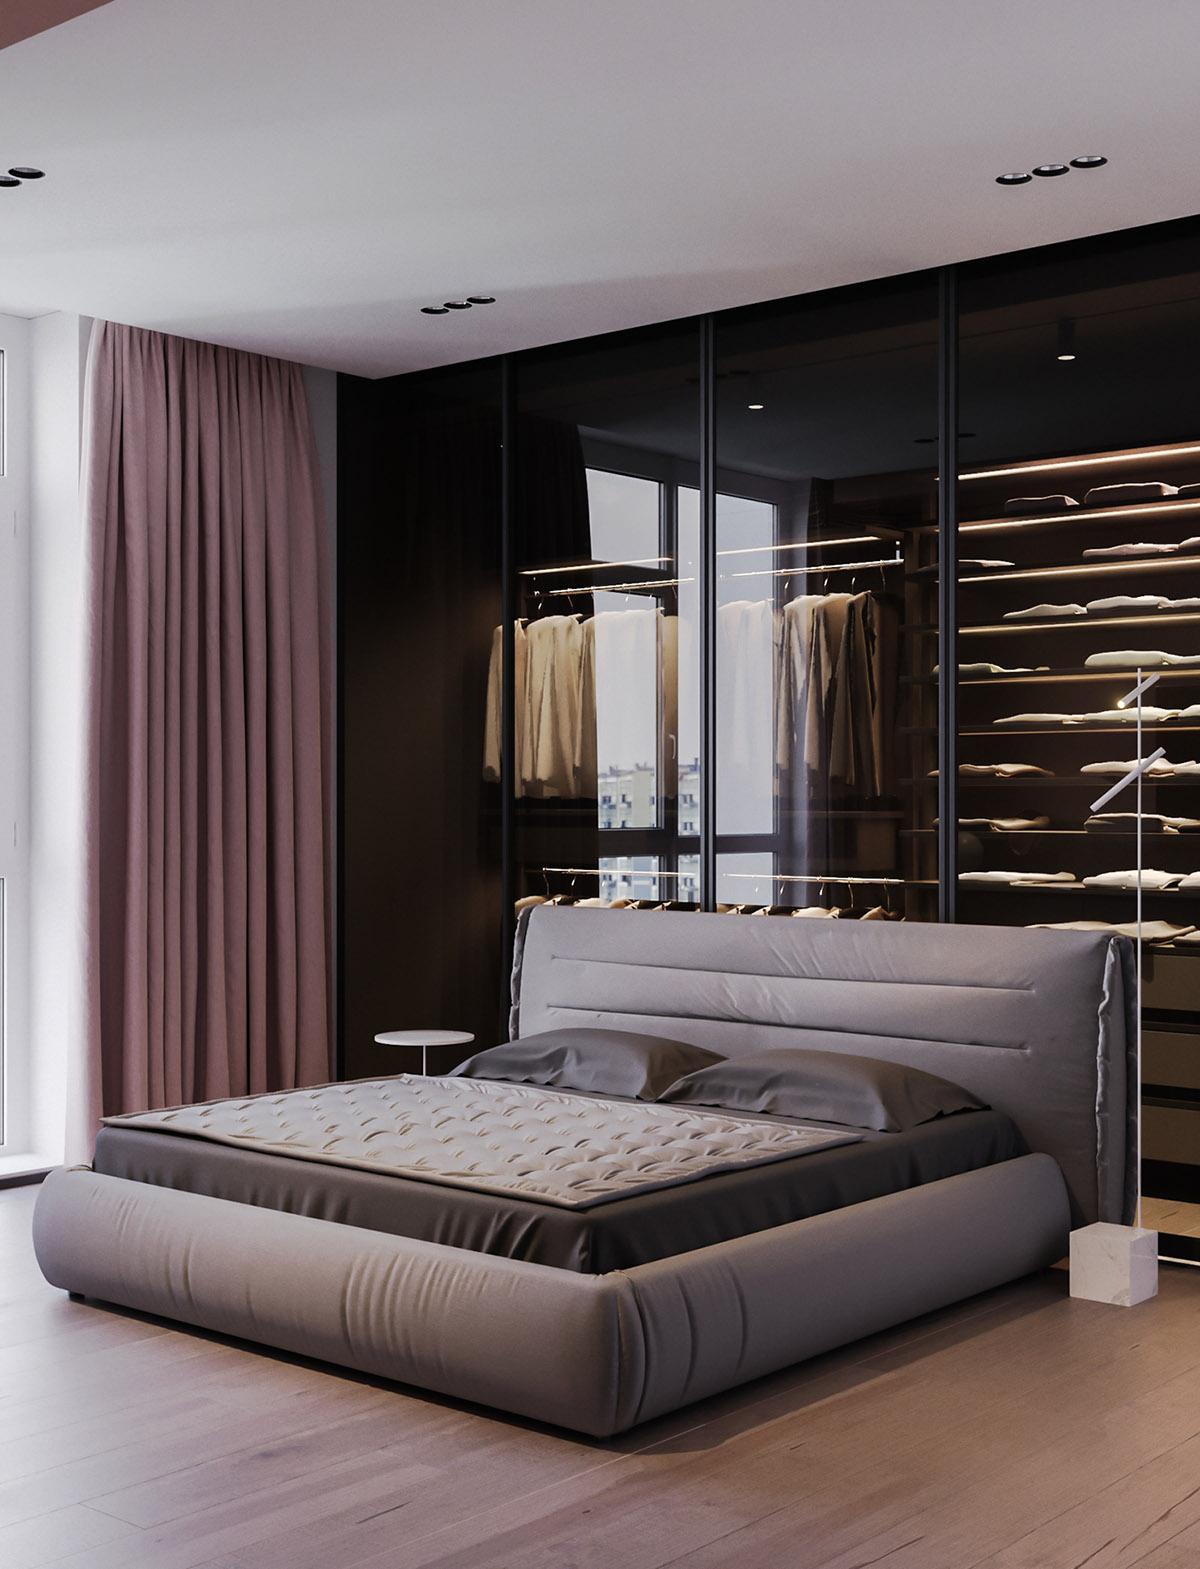 Một số thiết kế nội thất sử dụng màu hồng và xám - Grey upholstered bed 1